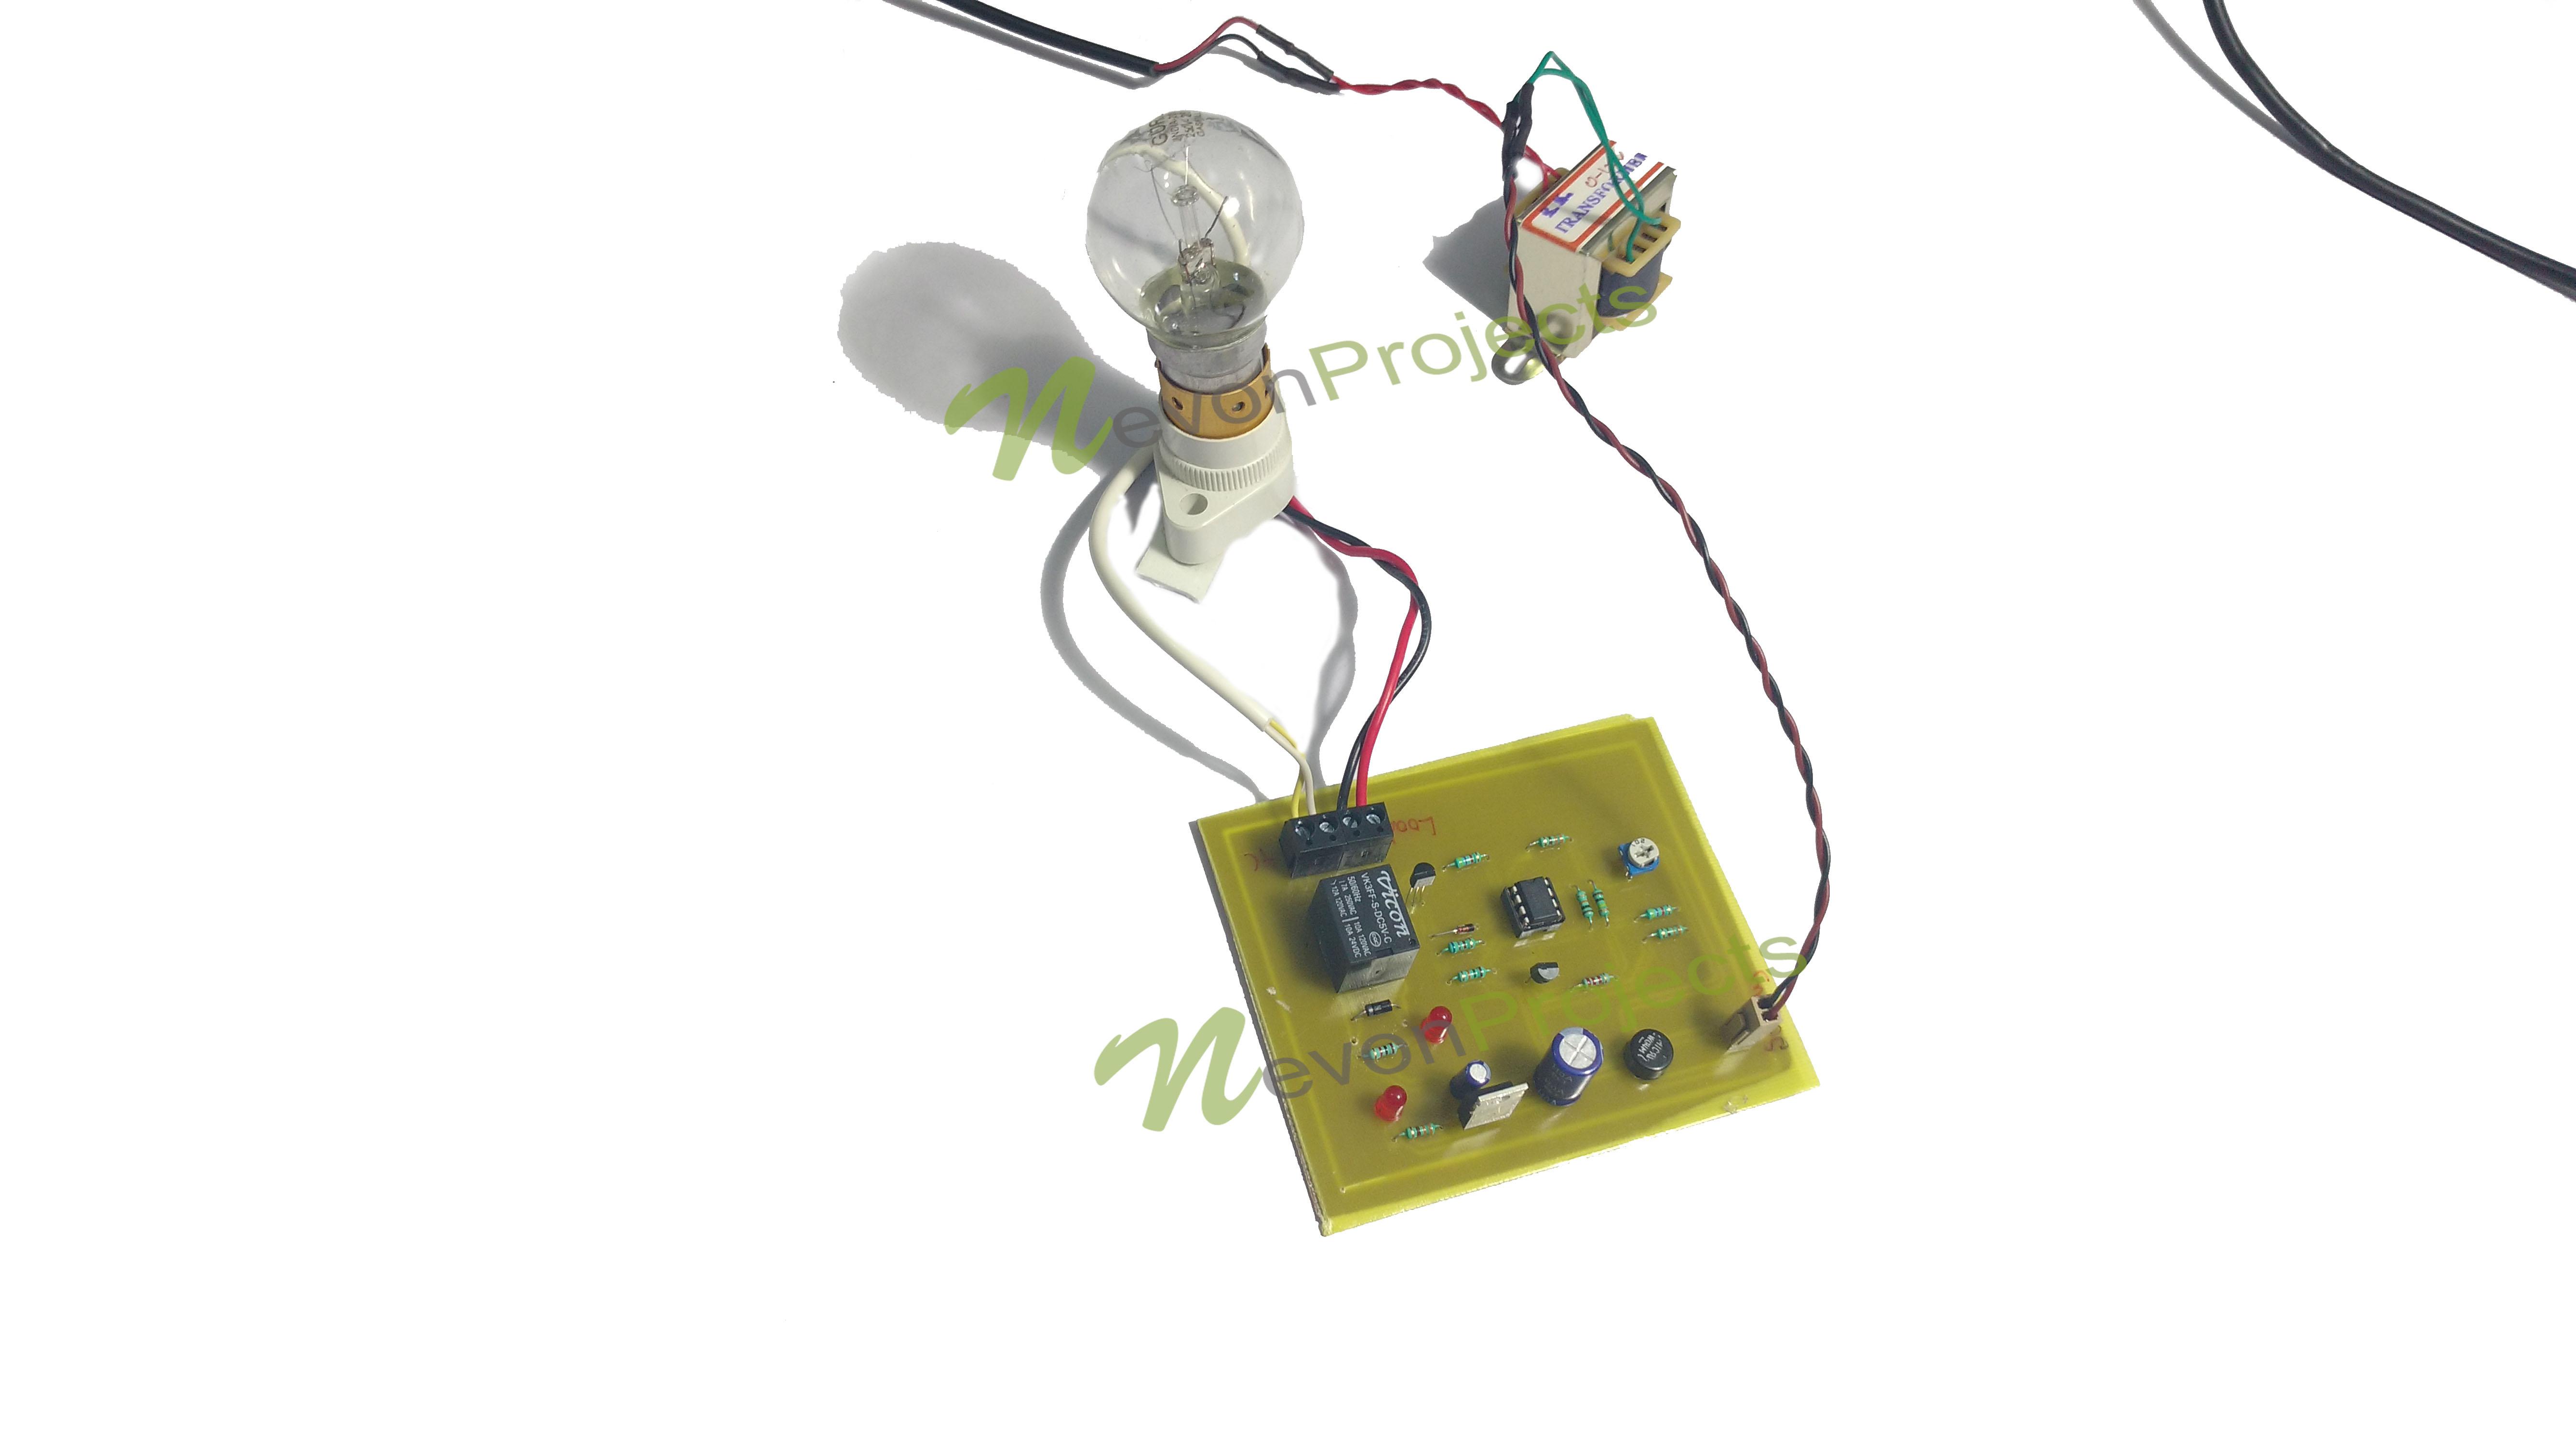 Overvoltage And Undervoltage Protection System on